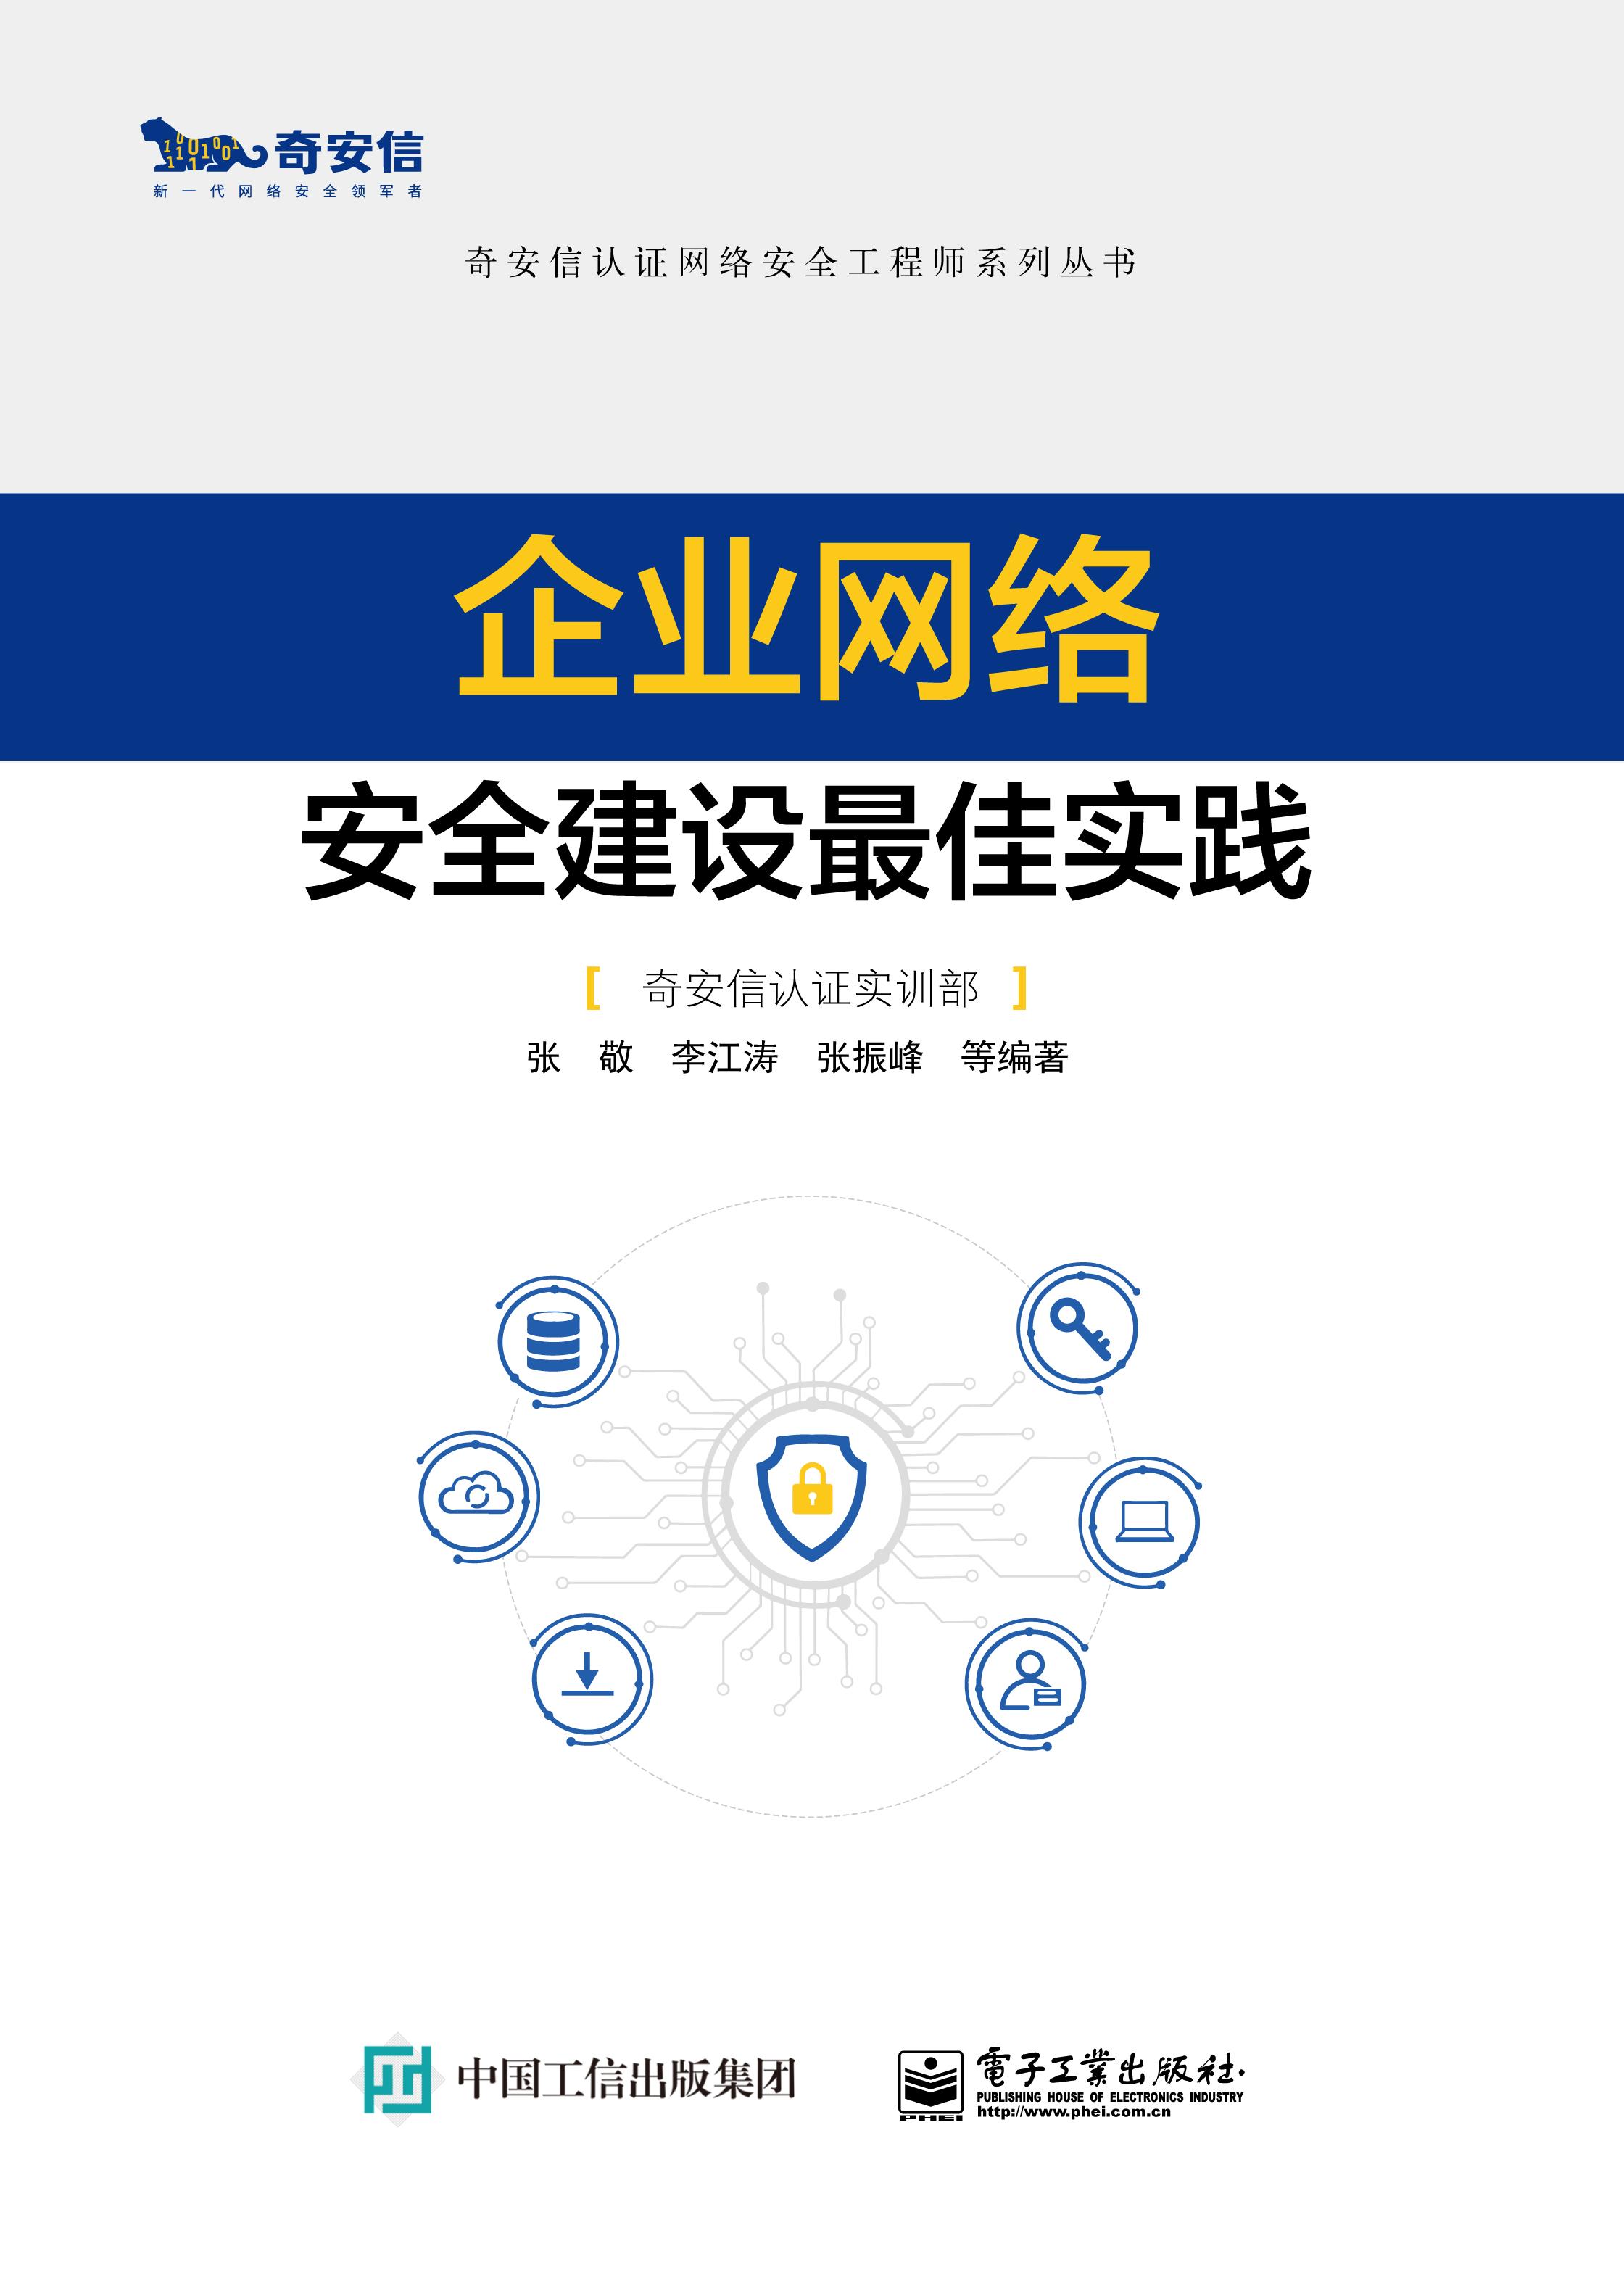 《企业网络安全建设最佳实践》